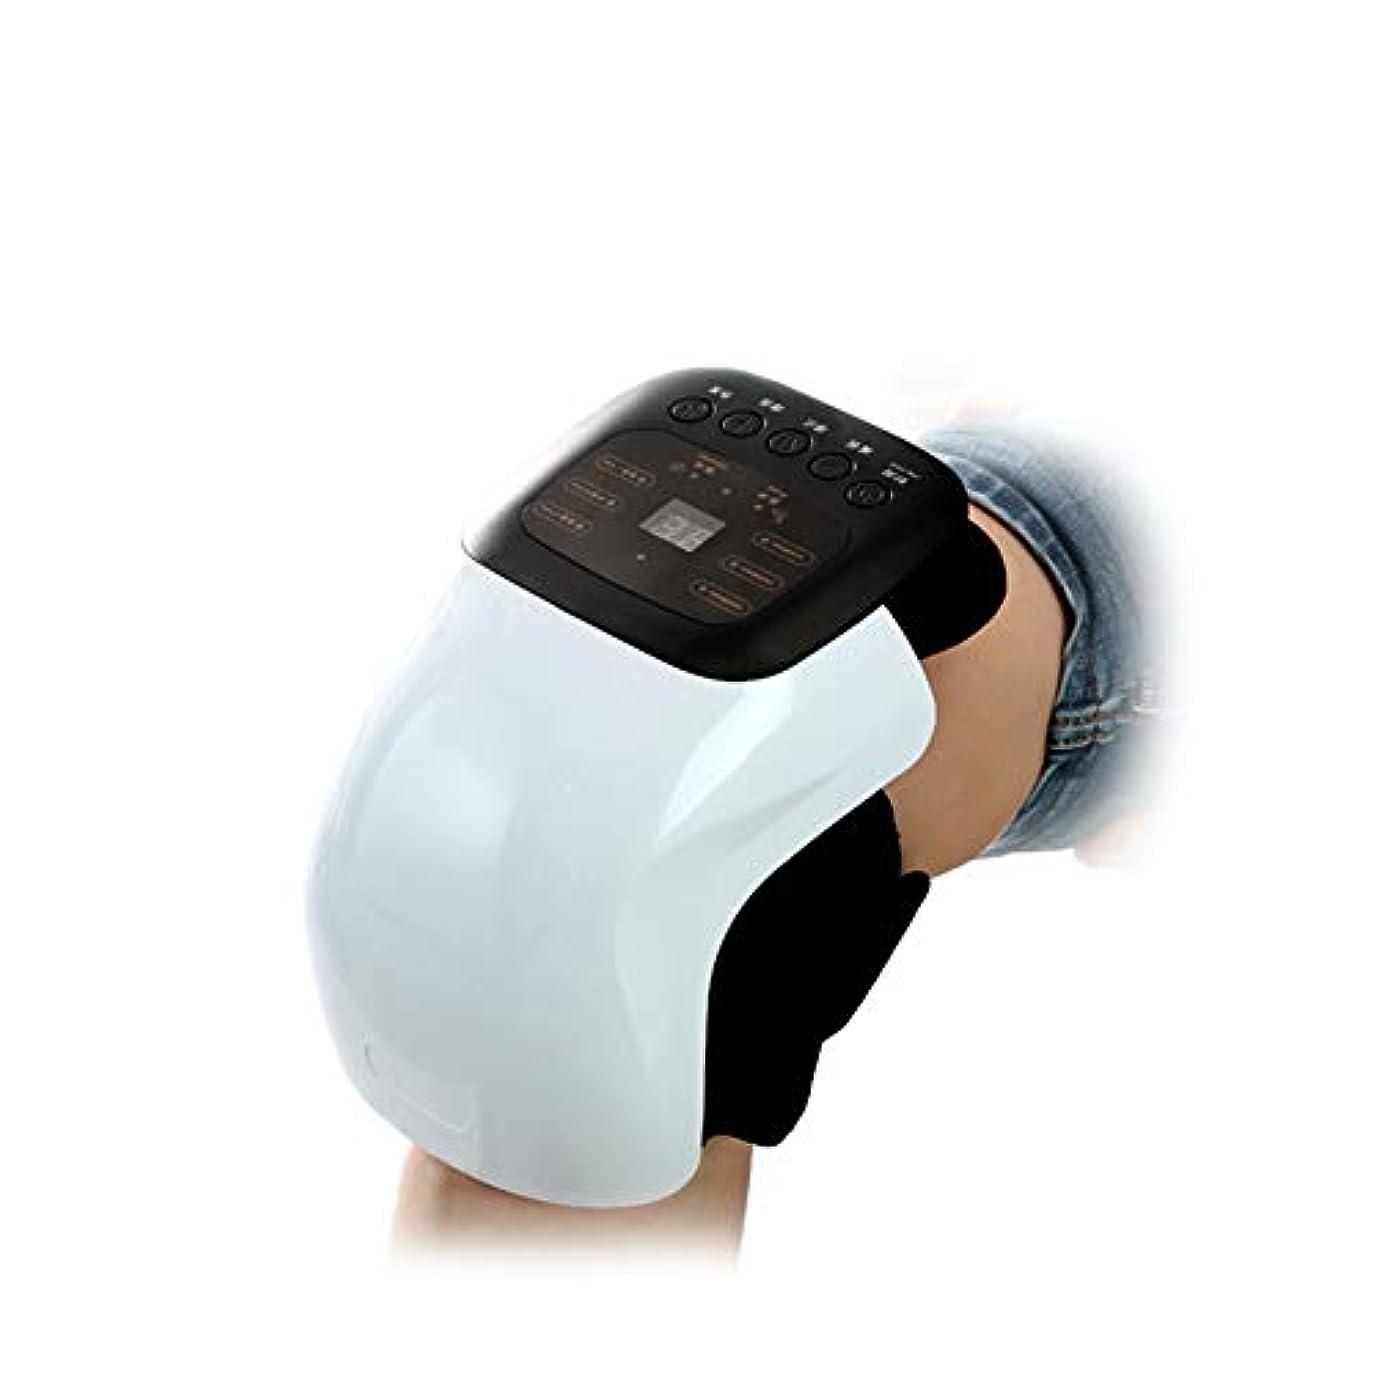 到着する肌寒い分数変形性関節症リウマチ関節炎、電気痛緩和ケア用品のためのパルス、振動、加熱を伴うスマートニー理学療法マッサージ器